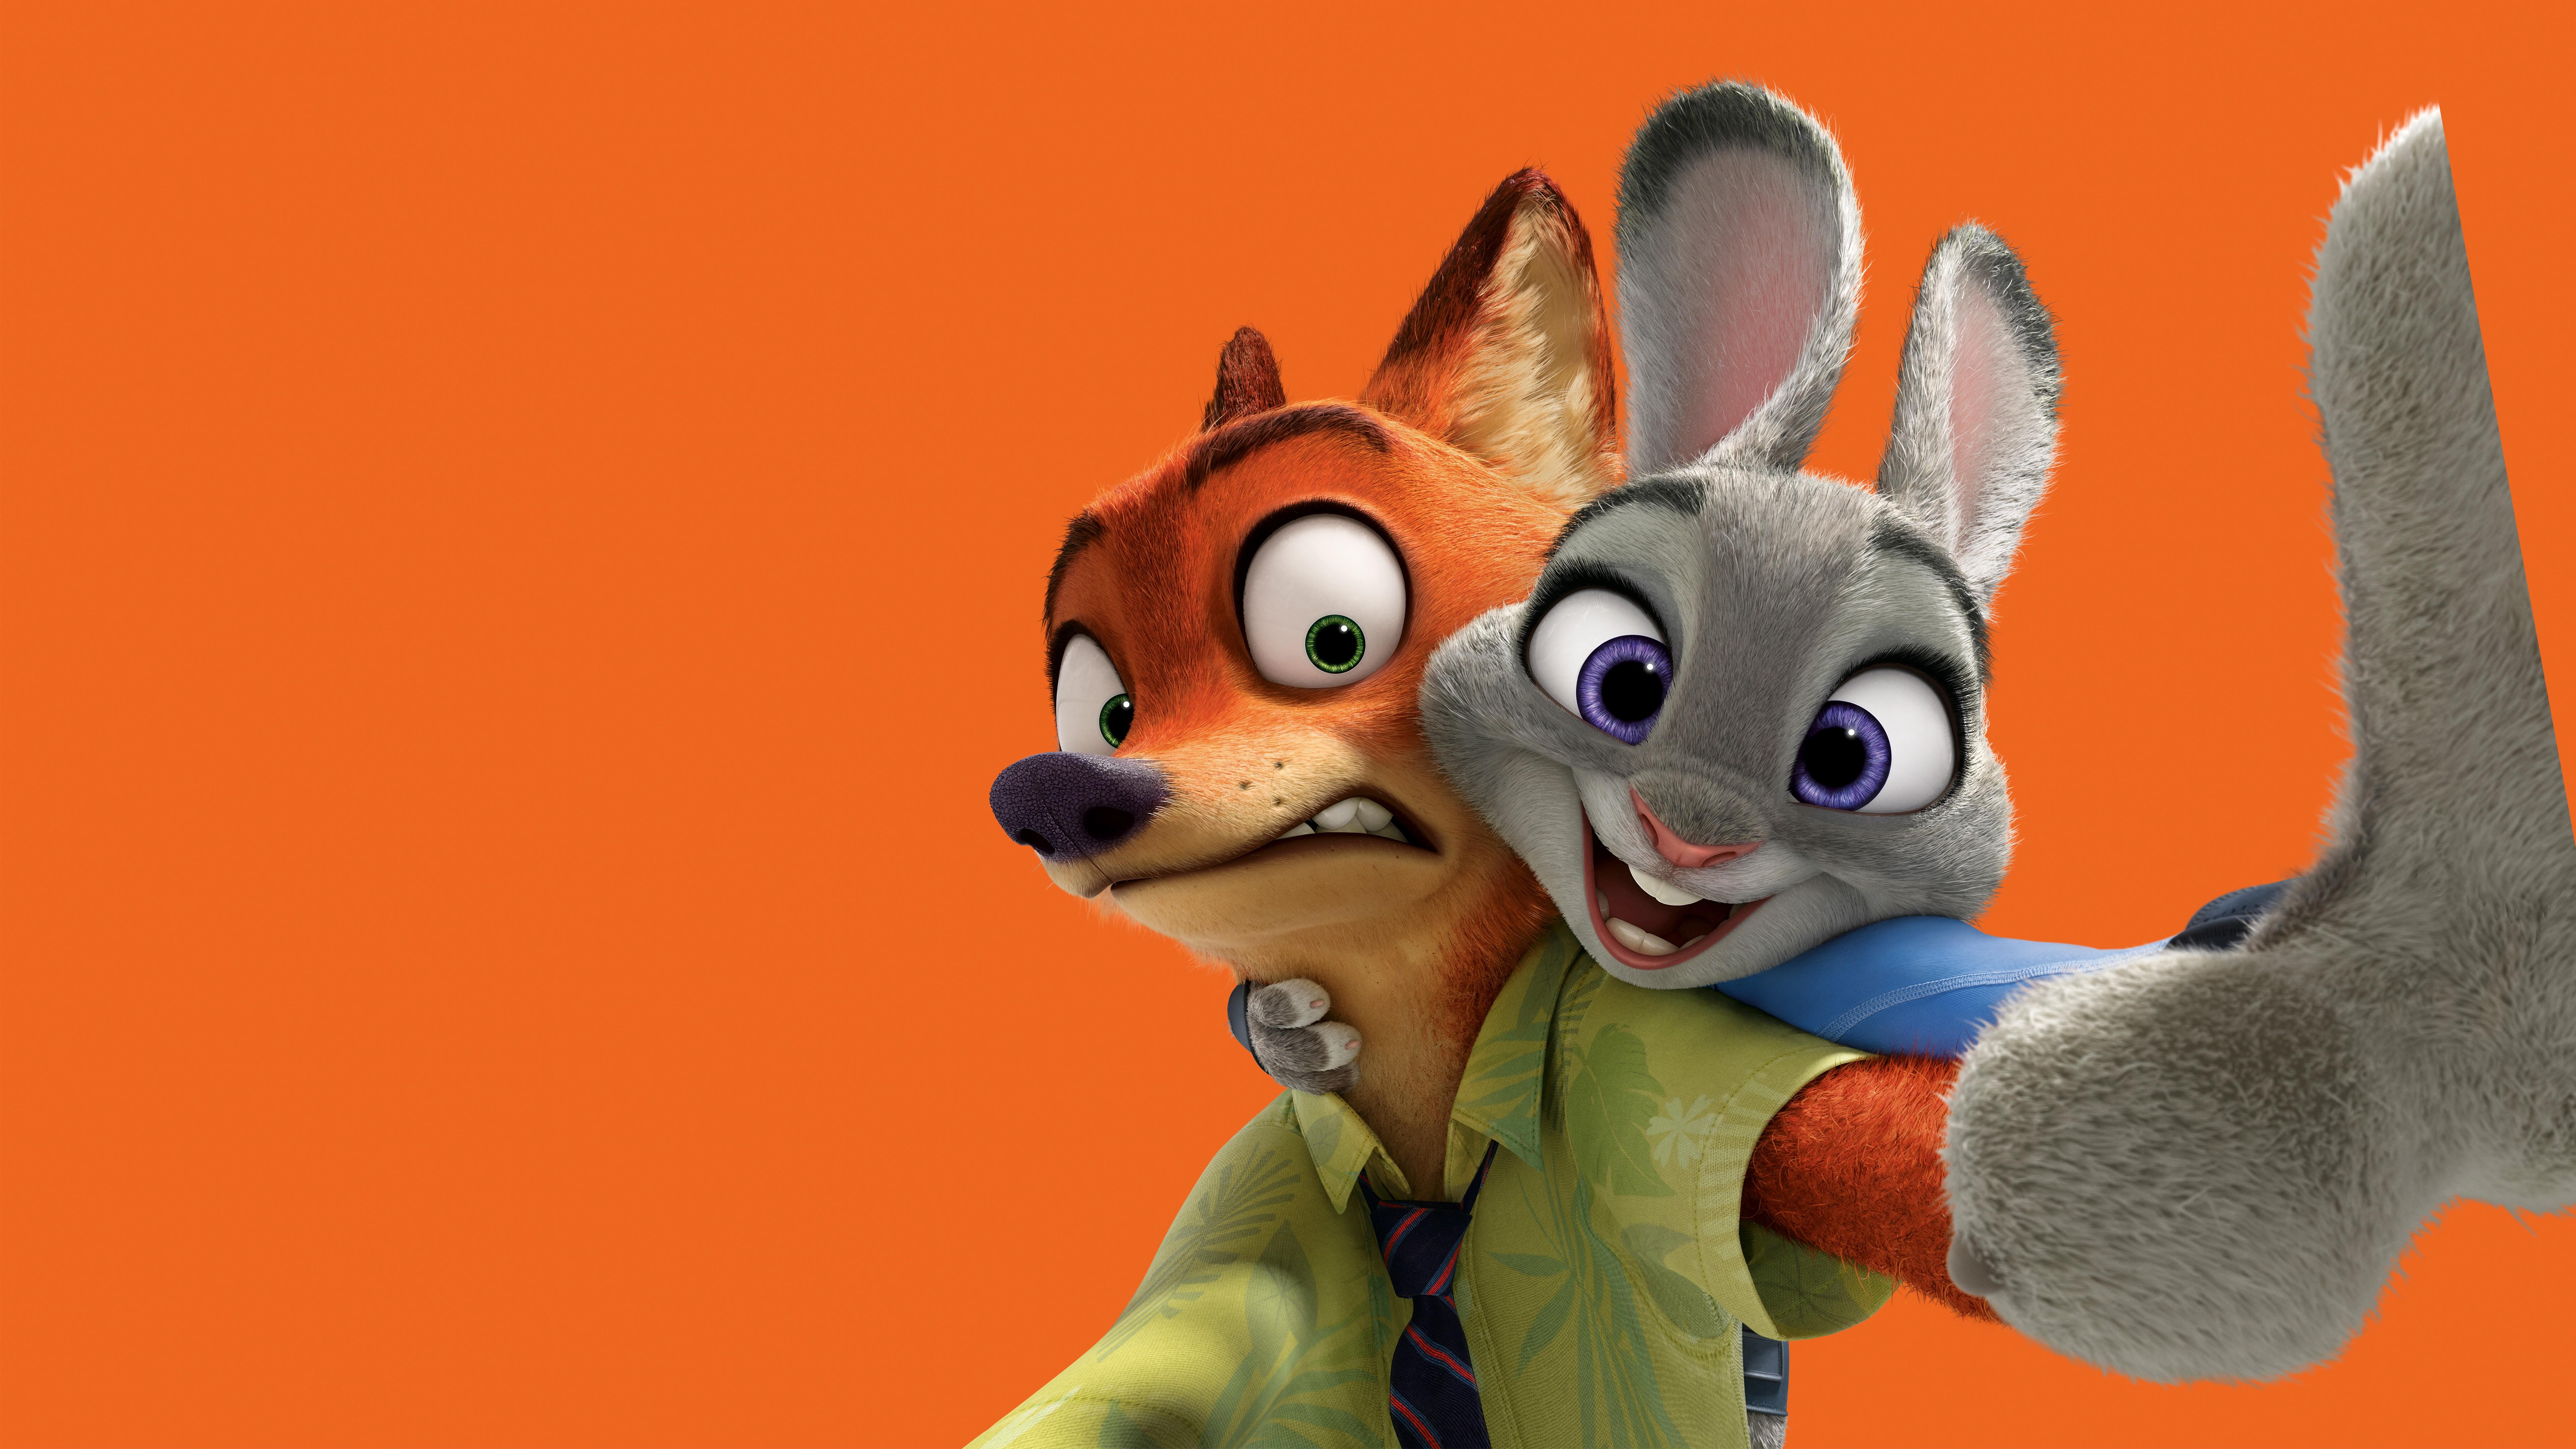 Ausmalbild Nick Und Judy Hopps Aus Zootopia: Download HD Wallpaper For Free